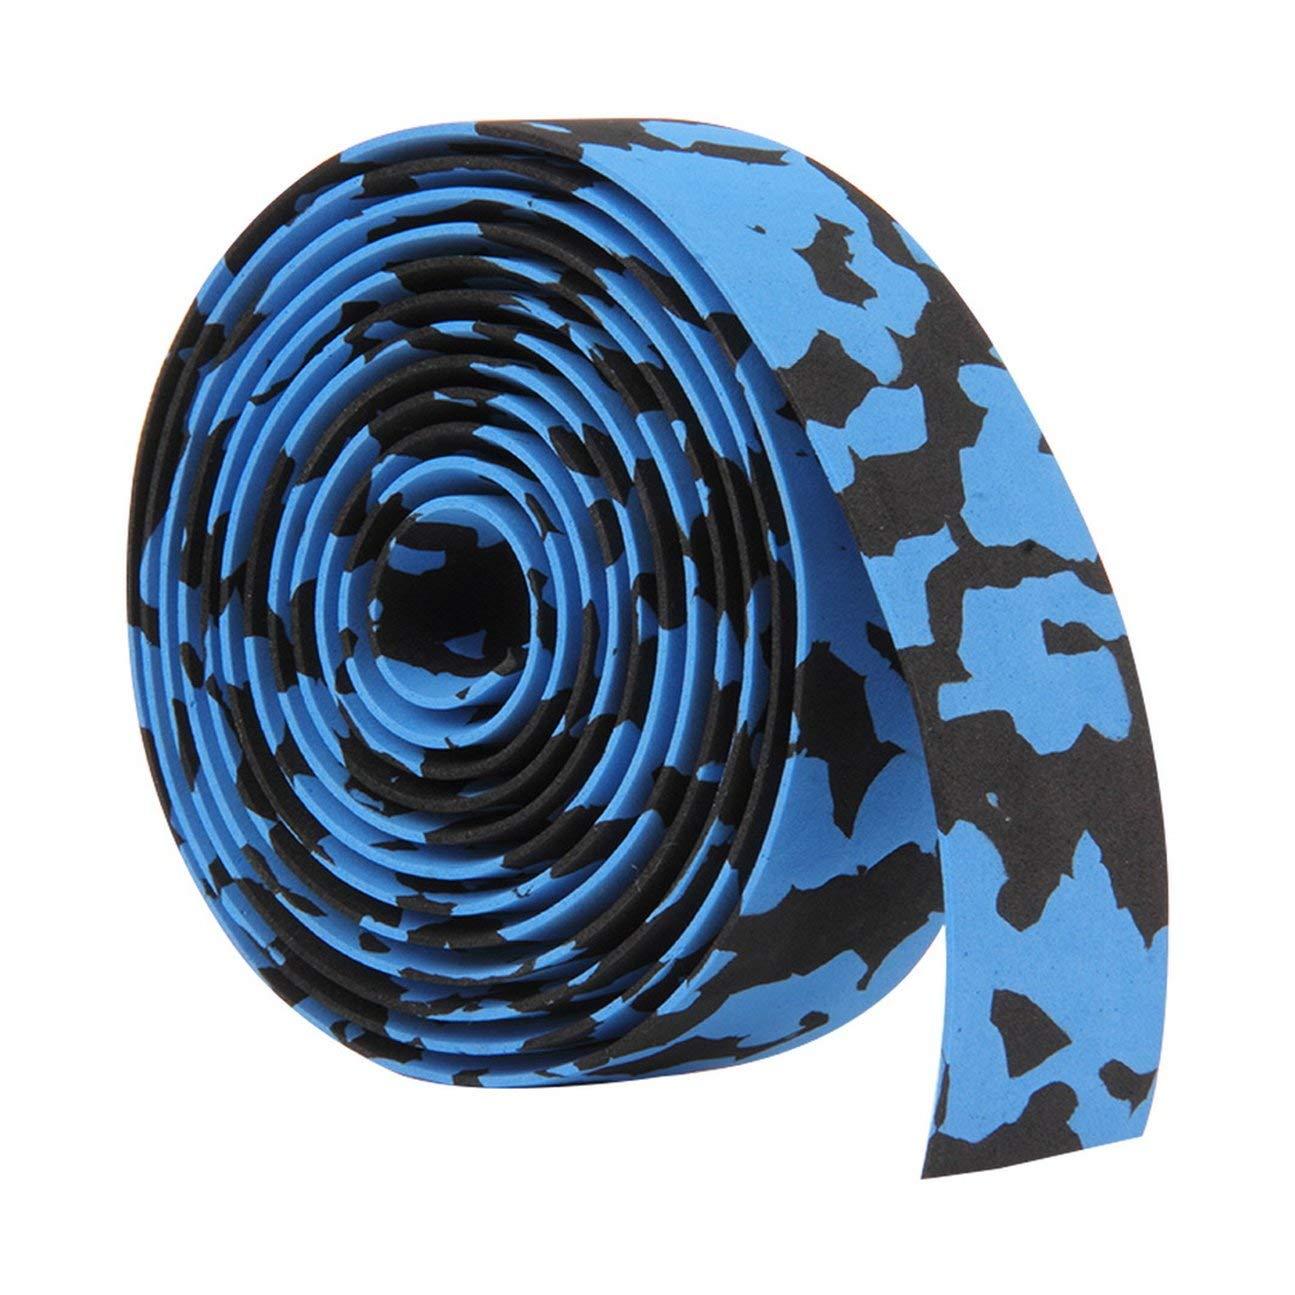 MachinYesell Haute Qualit/é Color/é V/élo Poign/ée Ceinture V/élo V/élo Li/ège Guidon Ruban Adh/ésif Wrap 2 Bar Gratuit Bleu Noir